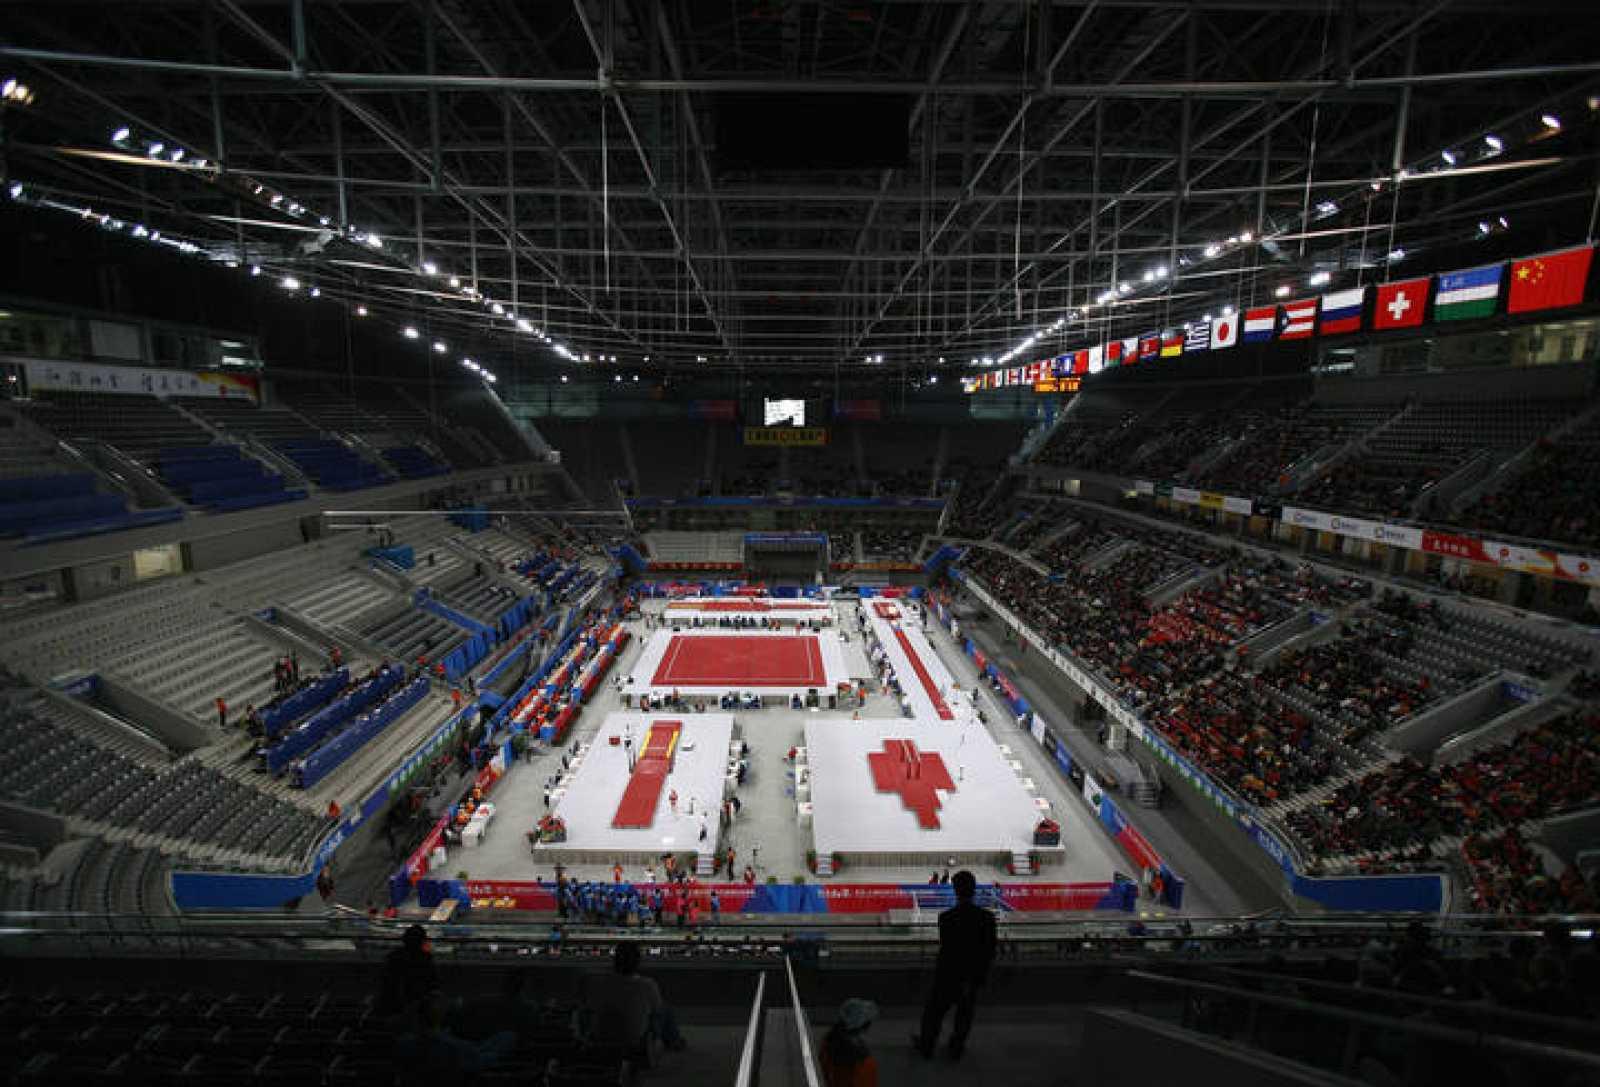 Vista interior del Estadio Cubierto Nacional